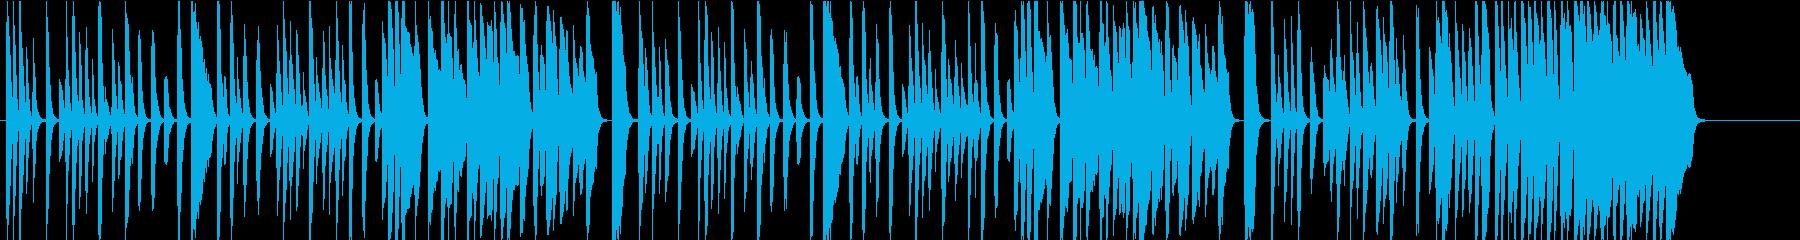 楽しい動画に!可愛くほんわか楽しいピアノの再生済みの波形